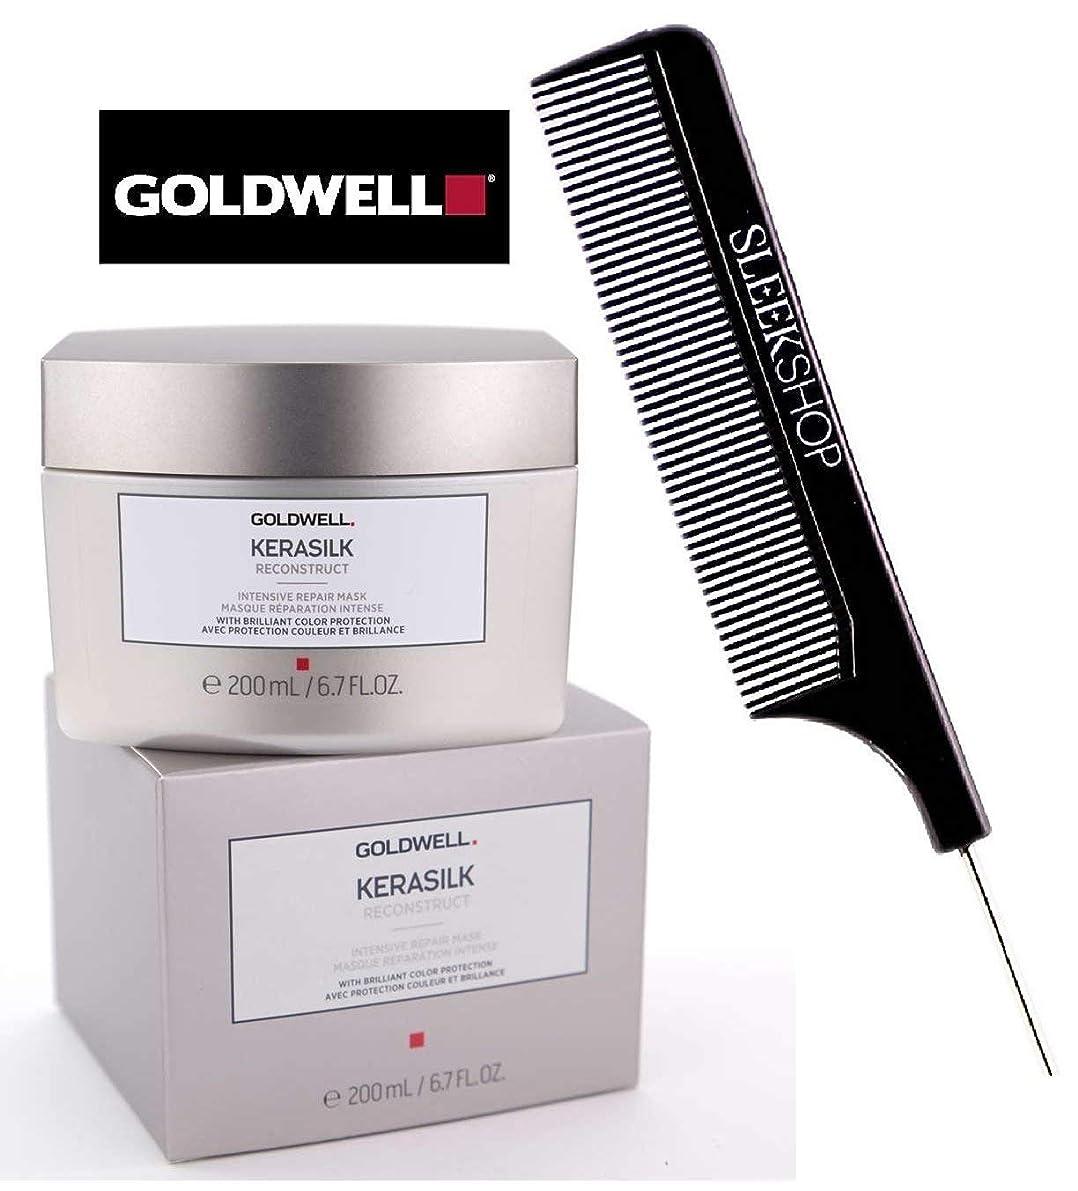 インポートトムオードリース先生Goldwell Kerasilkは((なめらかなスチールピンテールくし付き)鮮やかな色保護を集中リペアマスクを再構築) 6.7オンス/ 200ミリリットル小売size